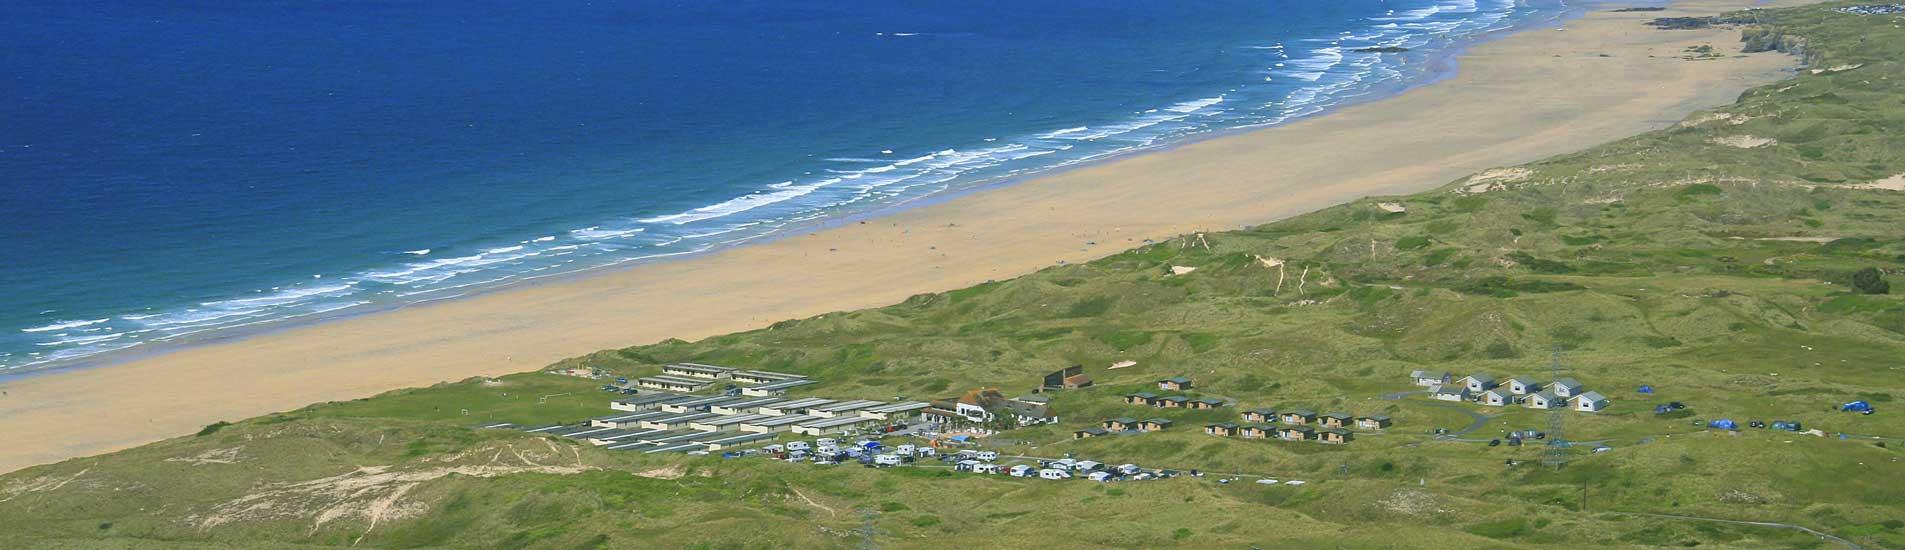 Aerial-view-Beachside-V3